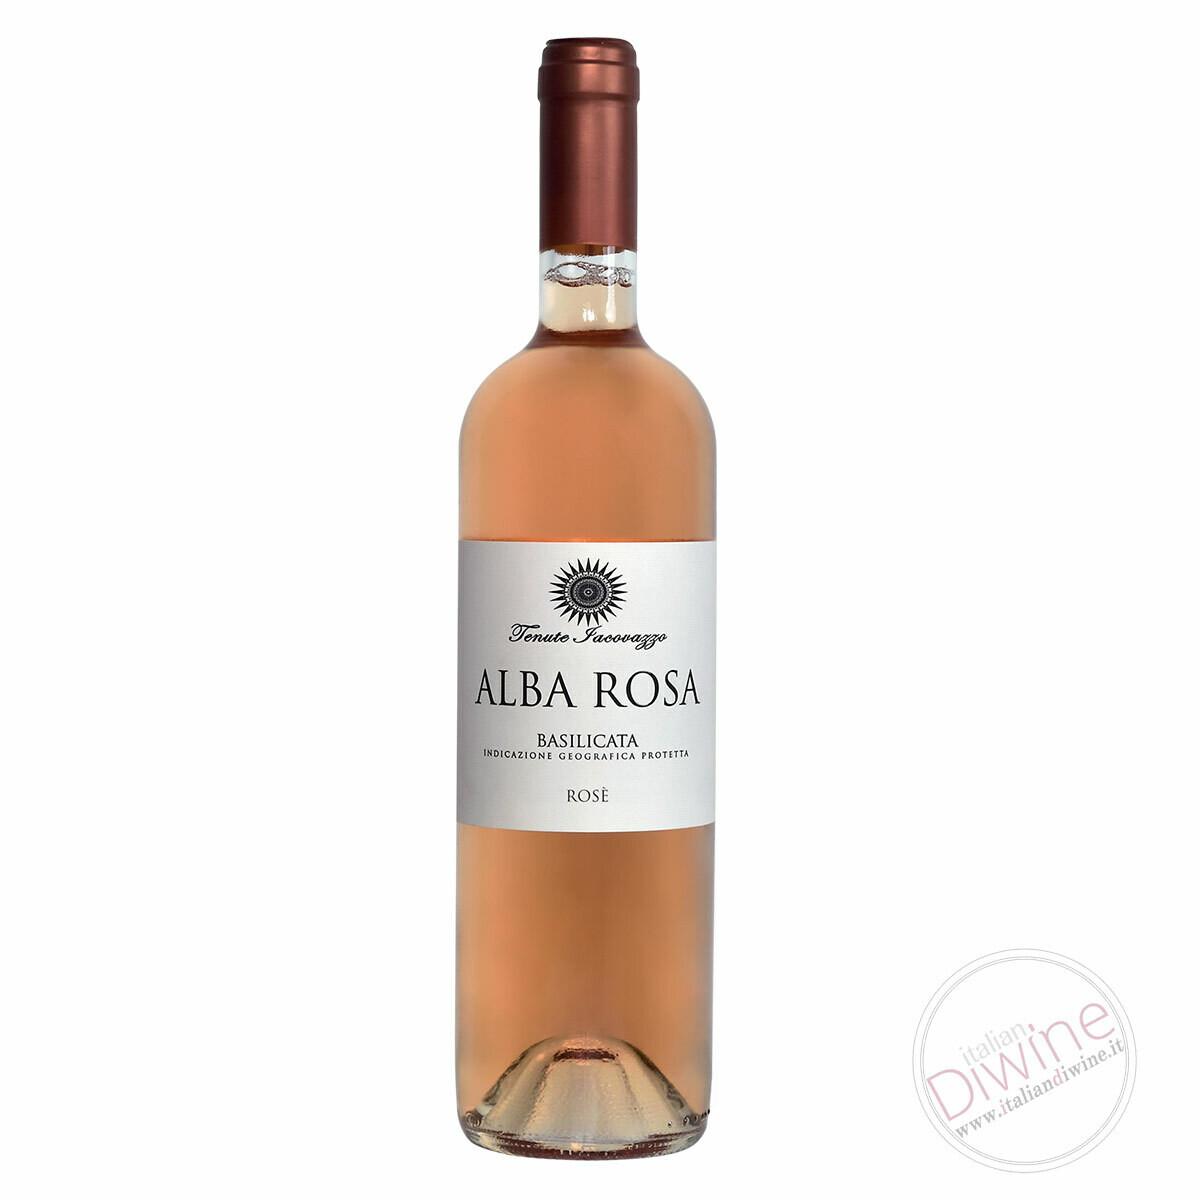 Alba Rosa Tenute Iacovazzo Basilicata Rosato IGP 2019